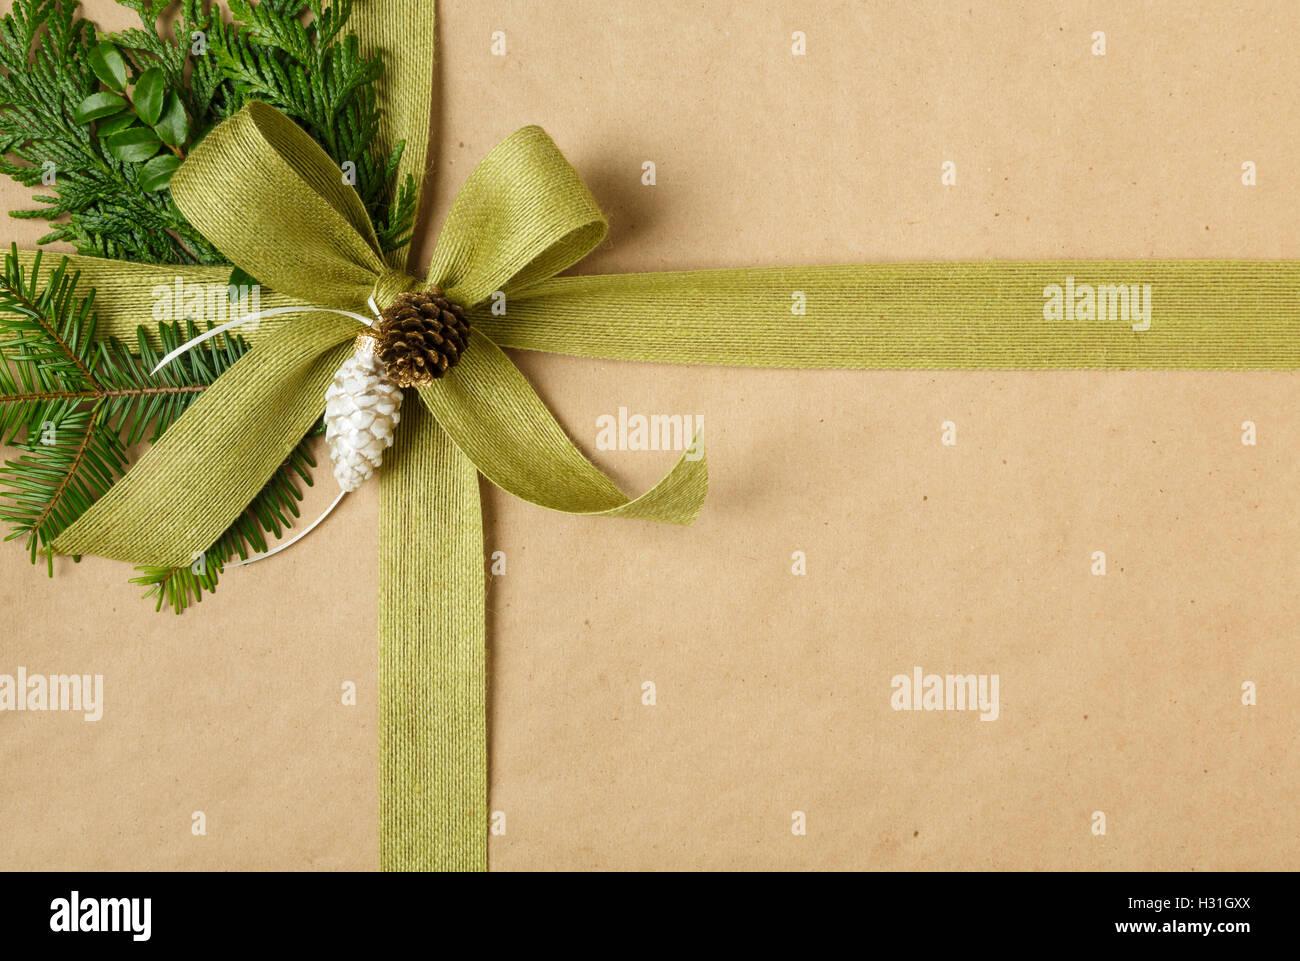 Close up of arc et des décors naturels sur les cadeaux de Noël. Cadeau de Noël enveloppé dans Photo Stock